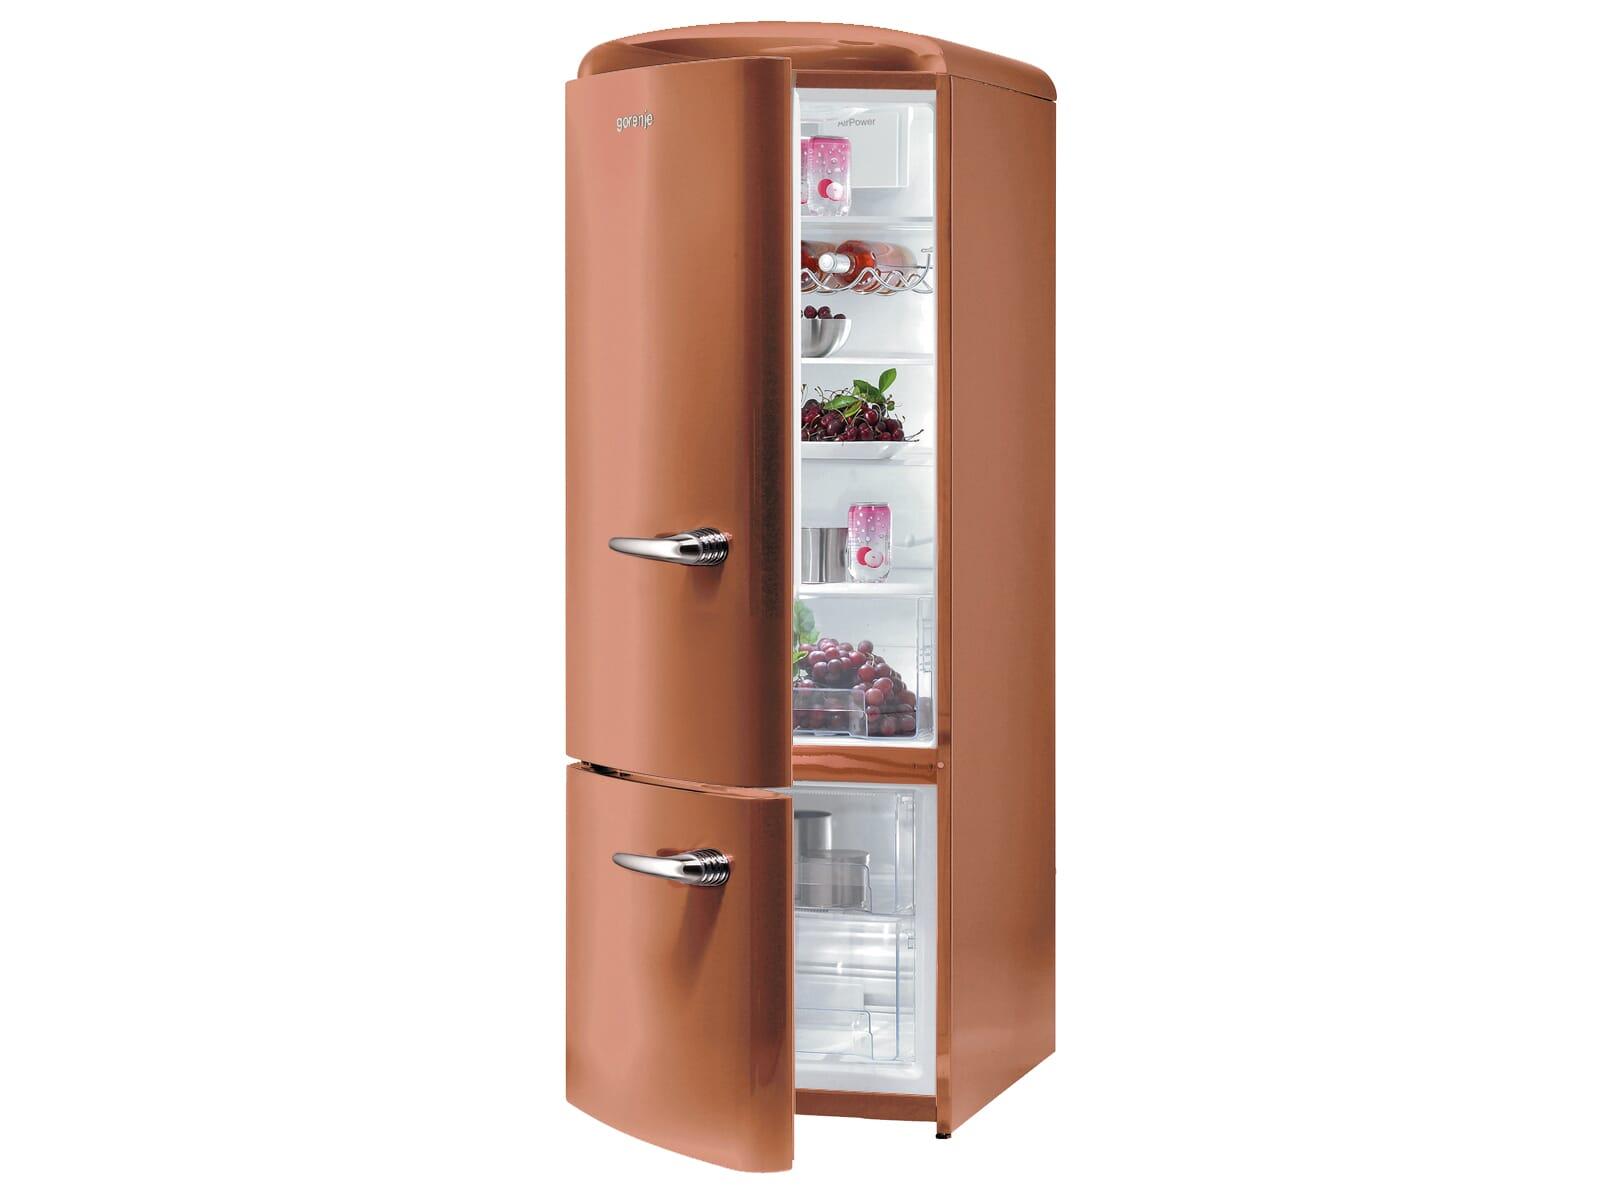 gorenje rk 60319 ocr l k hl gefrierkombination copper braun retro standger t ebay. Black Bedroom Furniture Sets. Home Design Ideas